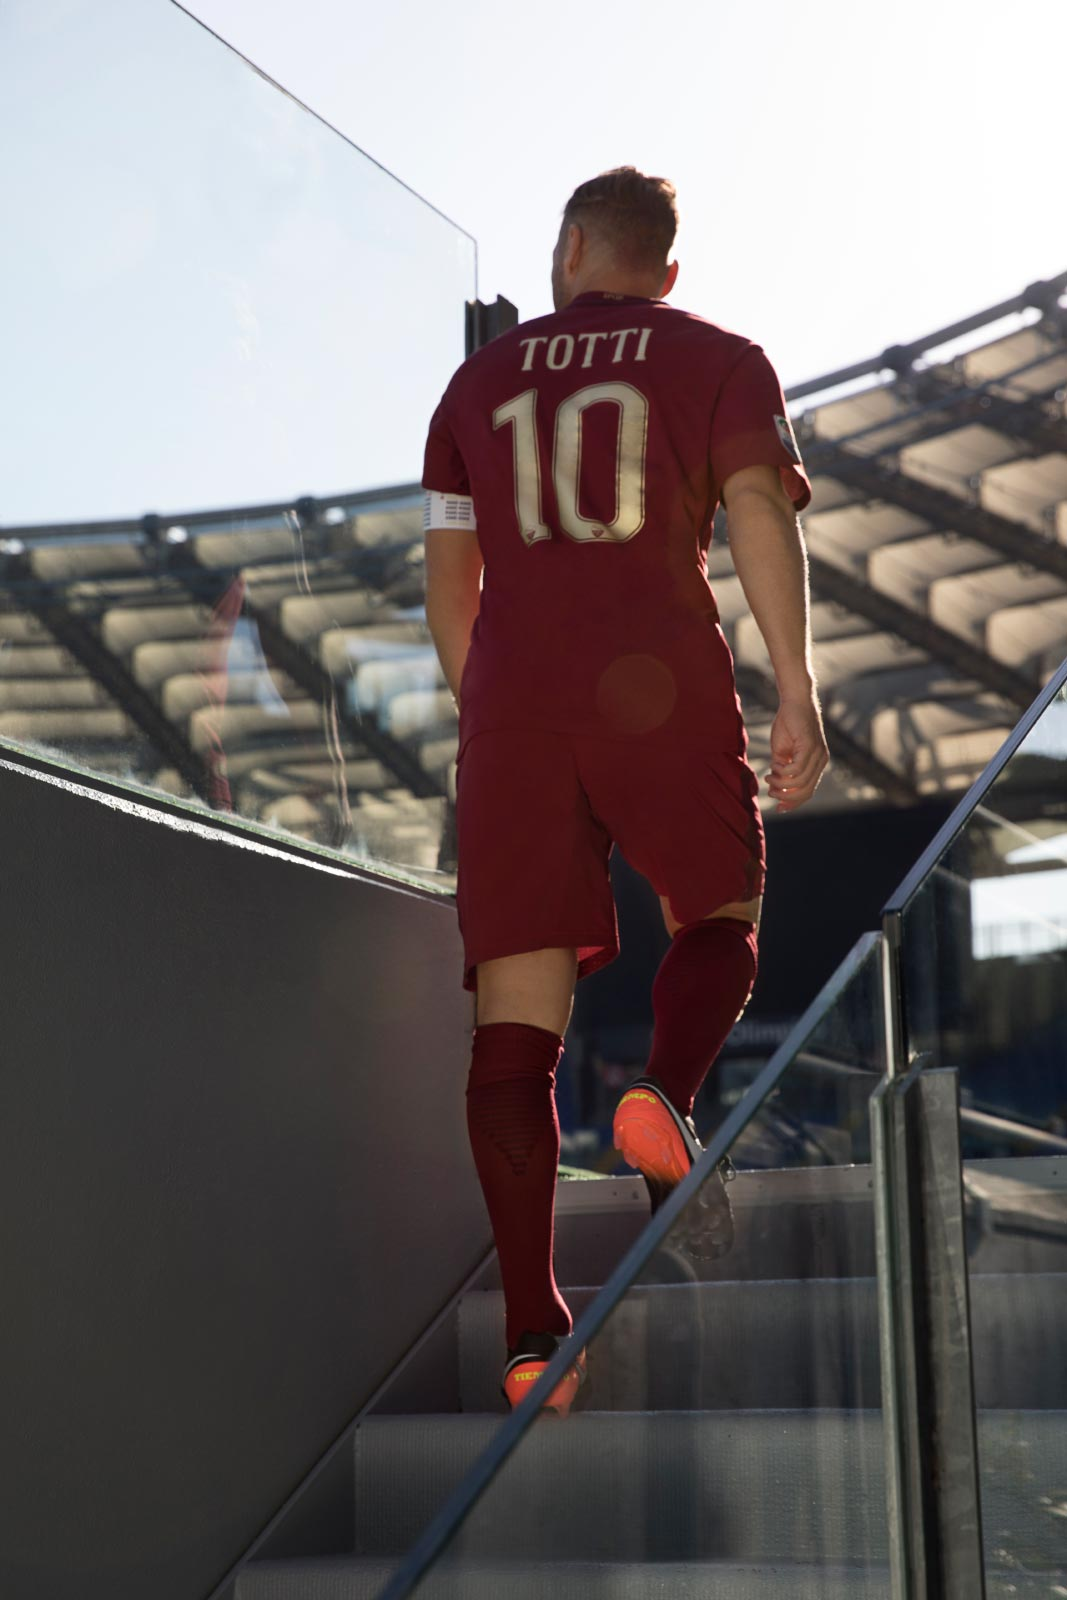 as-roma-2016-17-derby-kit-totti-roman-steps